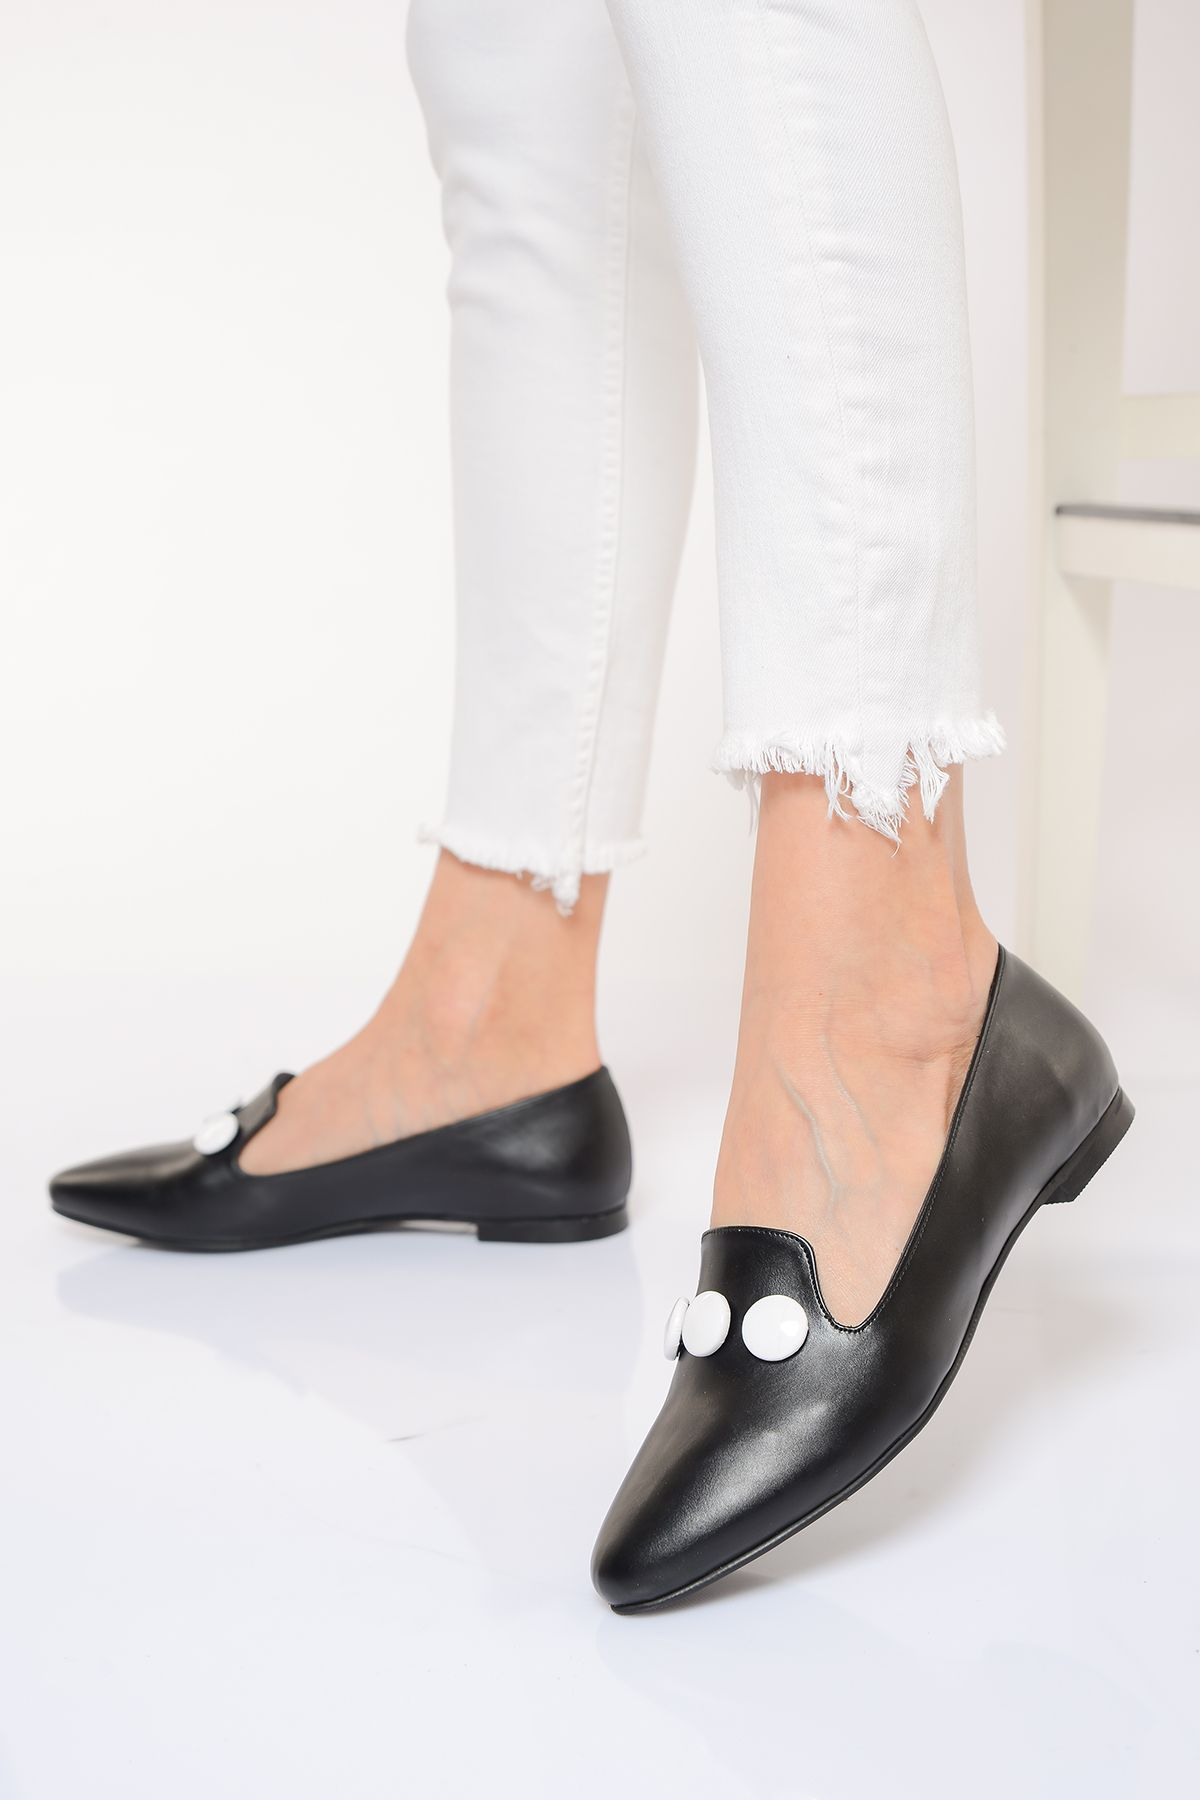 ffb1cfdd377db Kadın 2019 Yaz Ayakkabı Modelleri, Fiyatları, Aynı Gün Kargo - Shoes ...